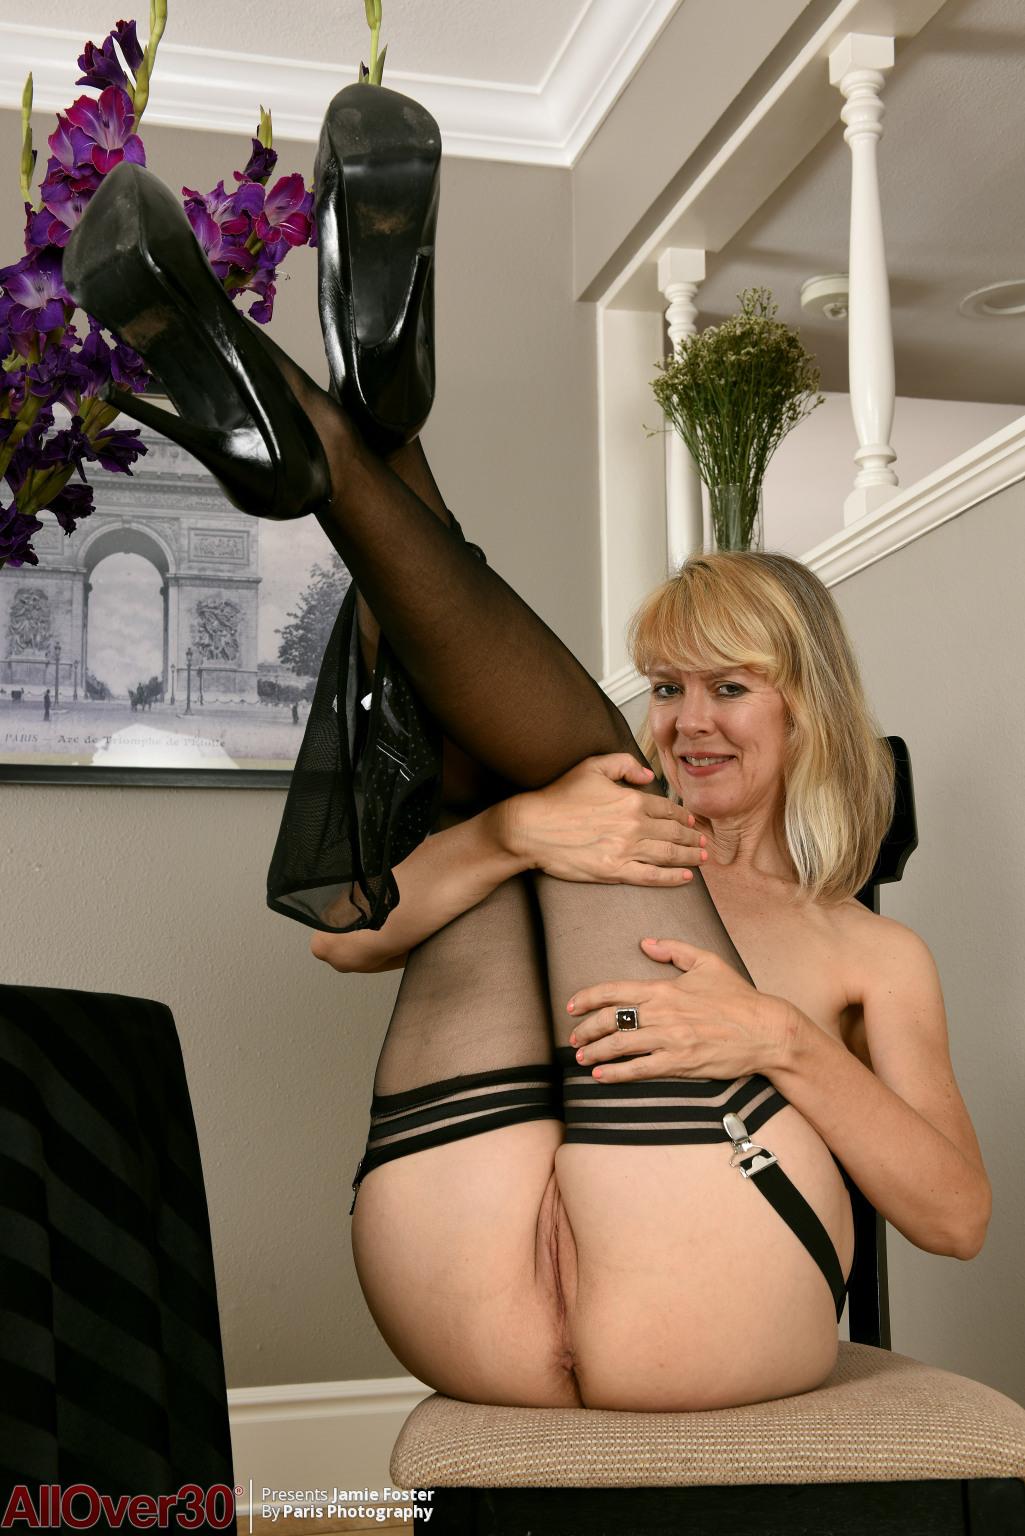 jamie-foster-sexy-stockings-13